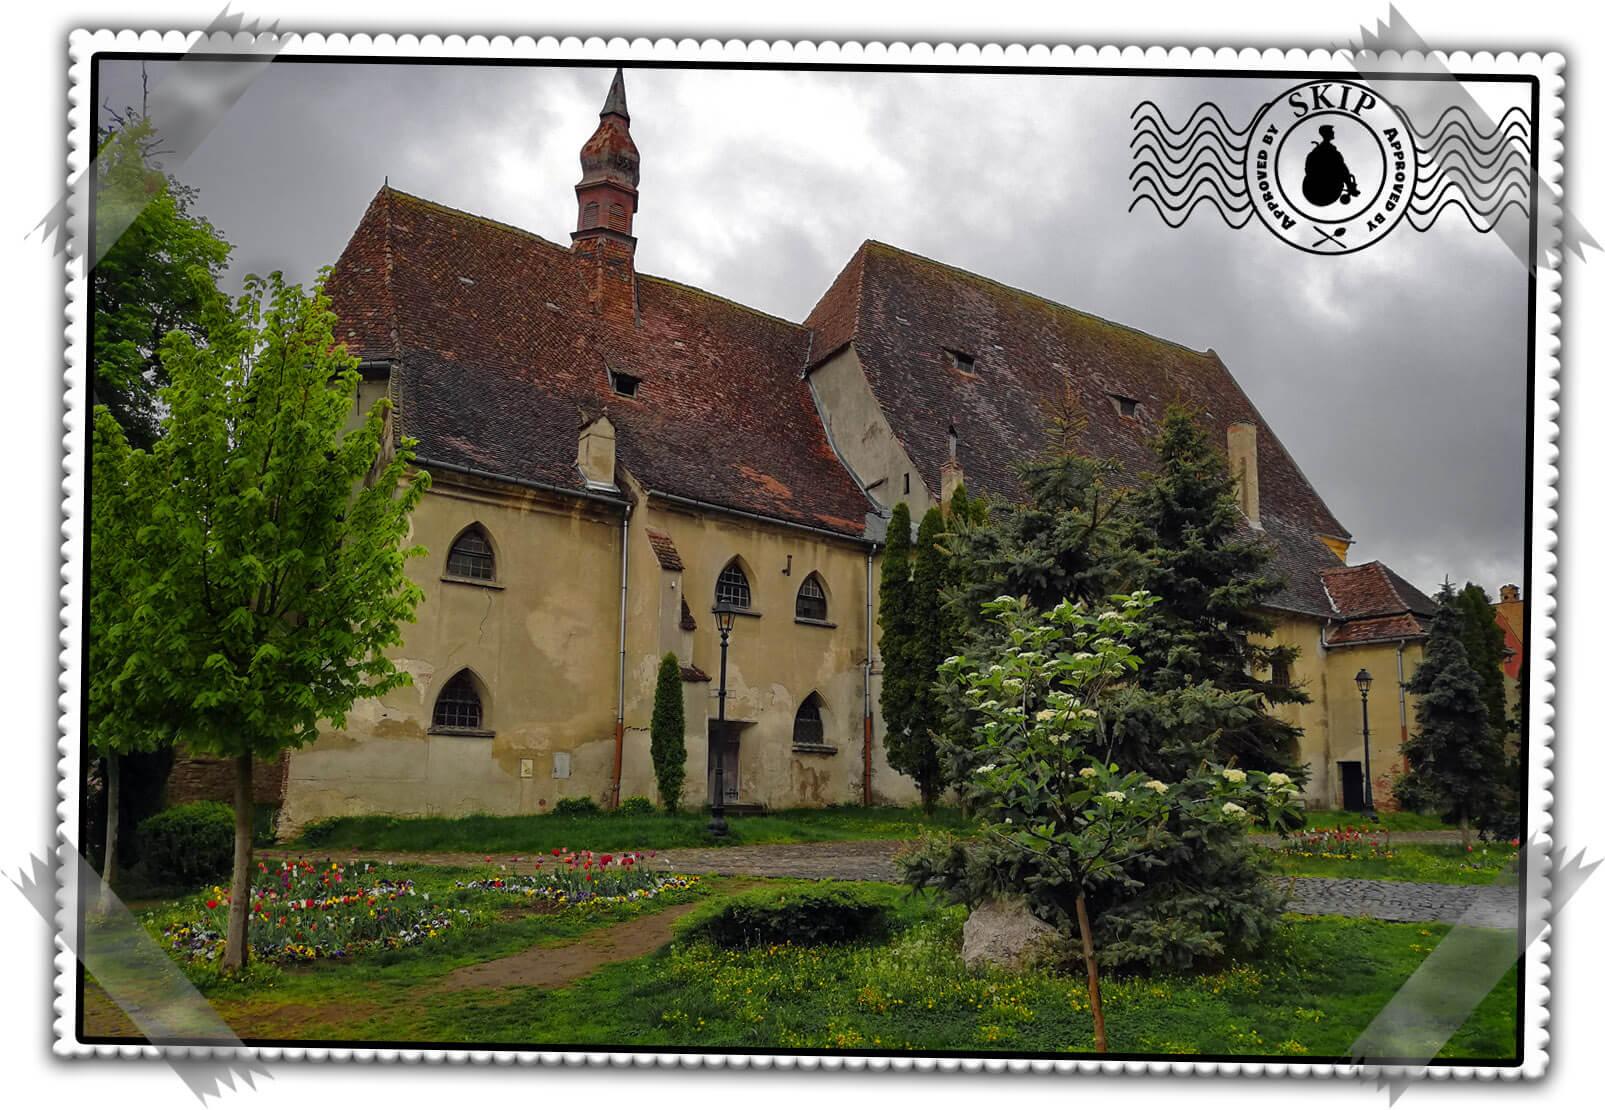 Sigešoara Rumunija Putovanja